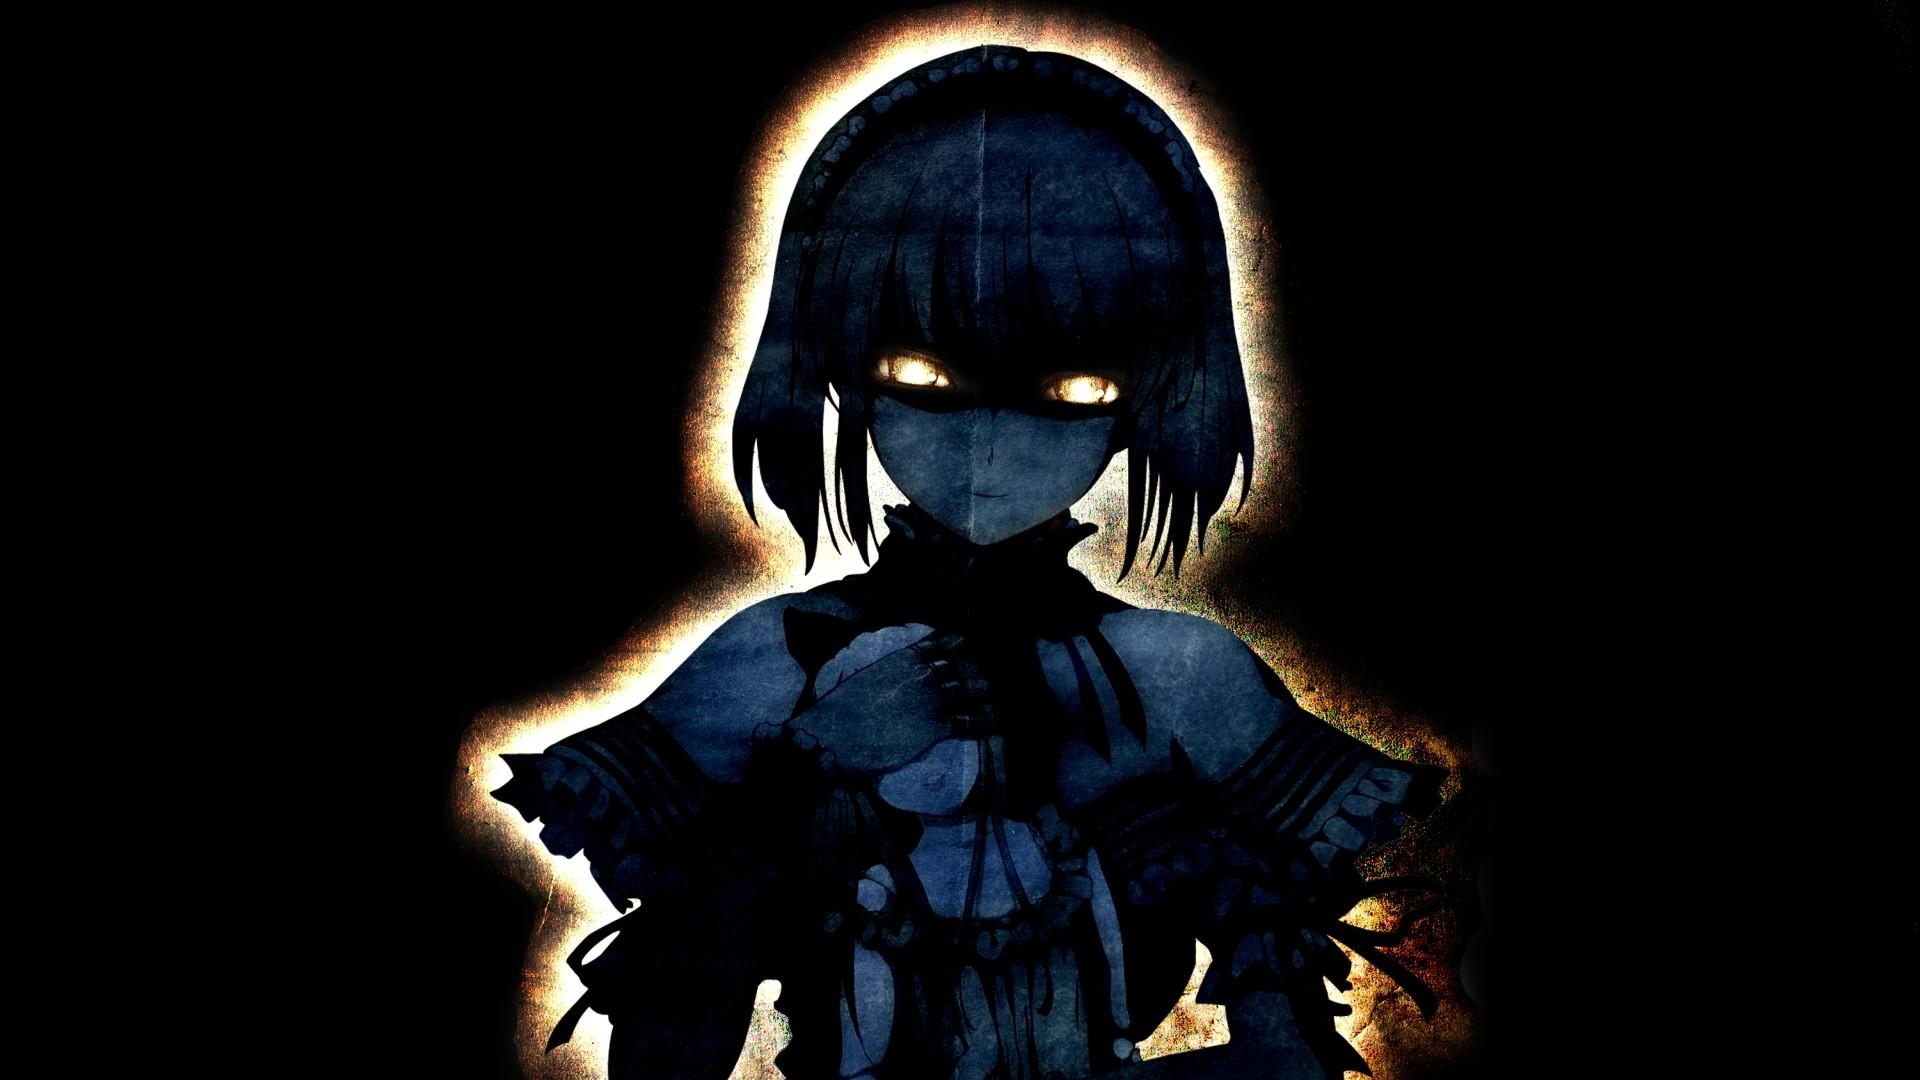 Dark Anime Girls Wallpaper